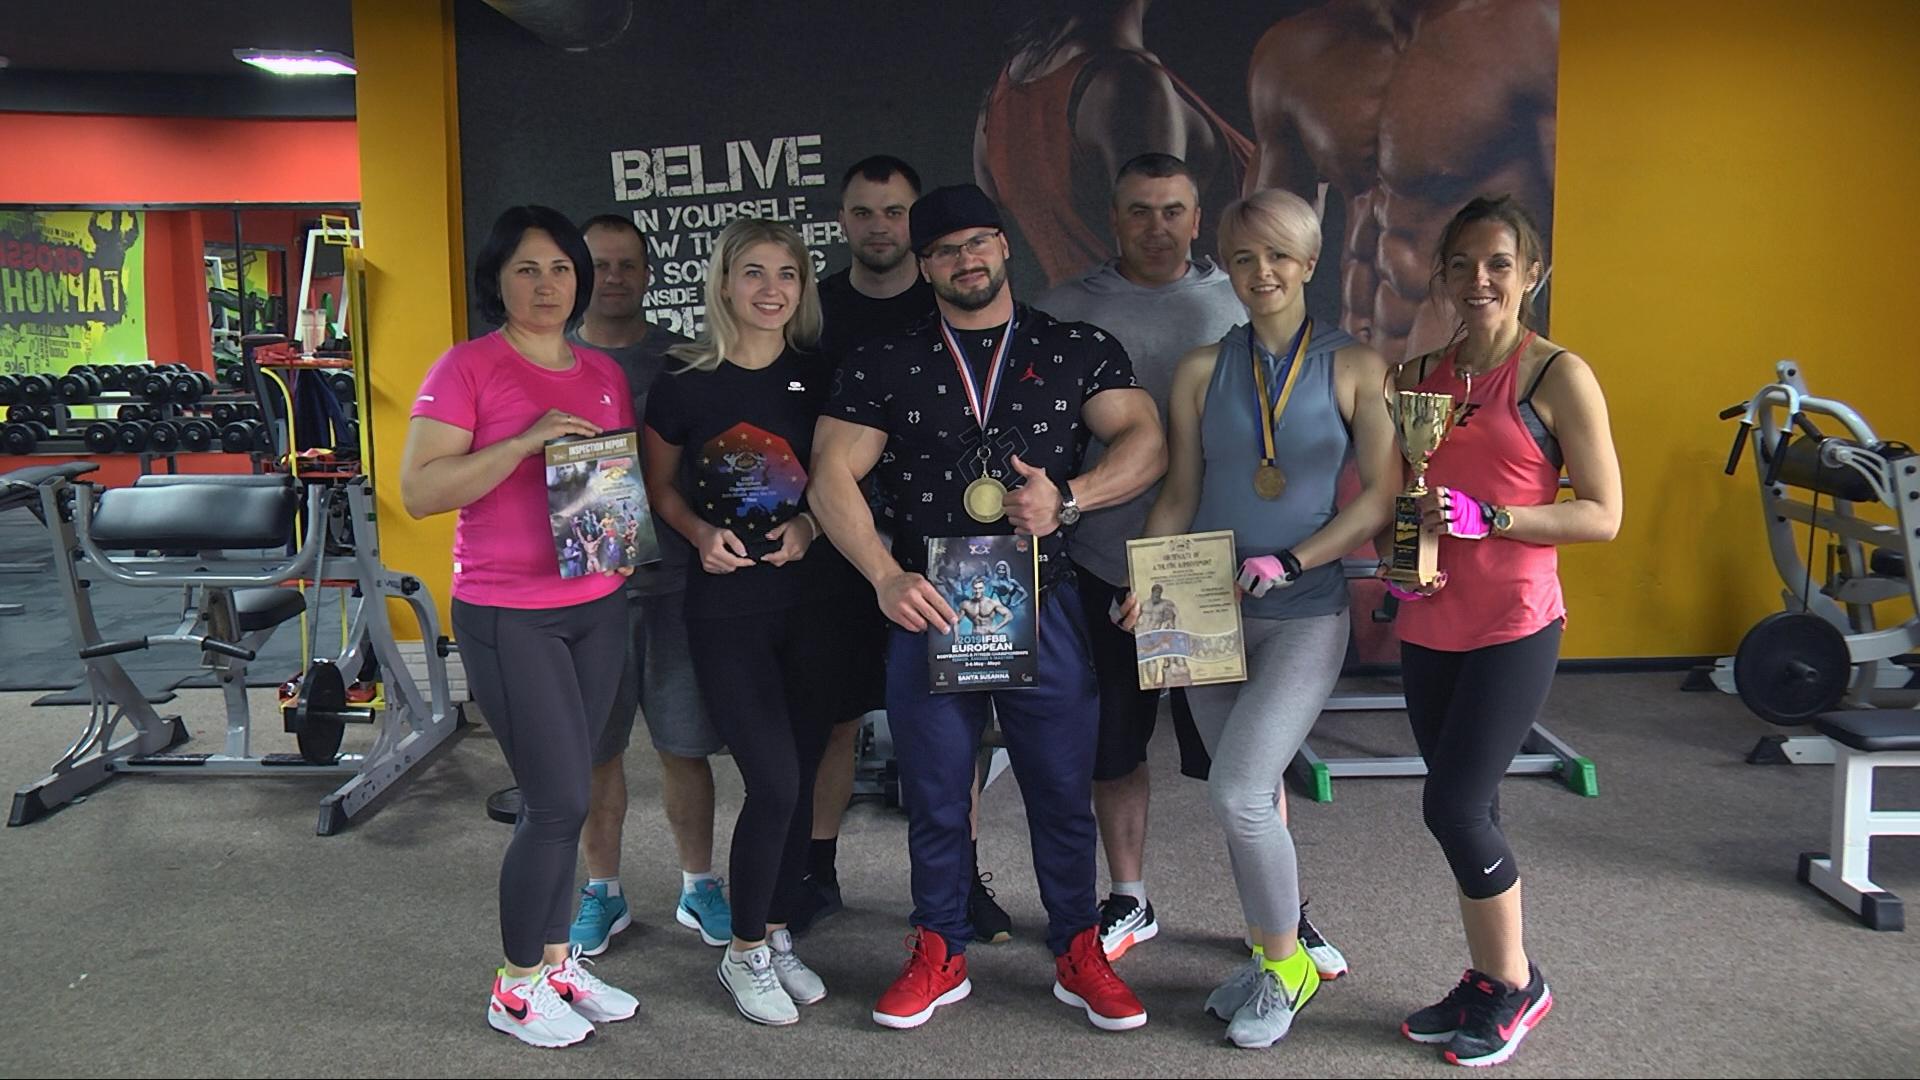 Коломиянин став Чемпіоном Європи з бодібілдингу (відеосюжет)